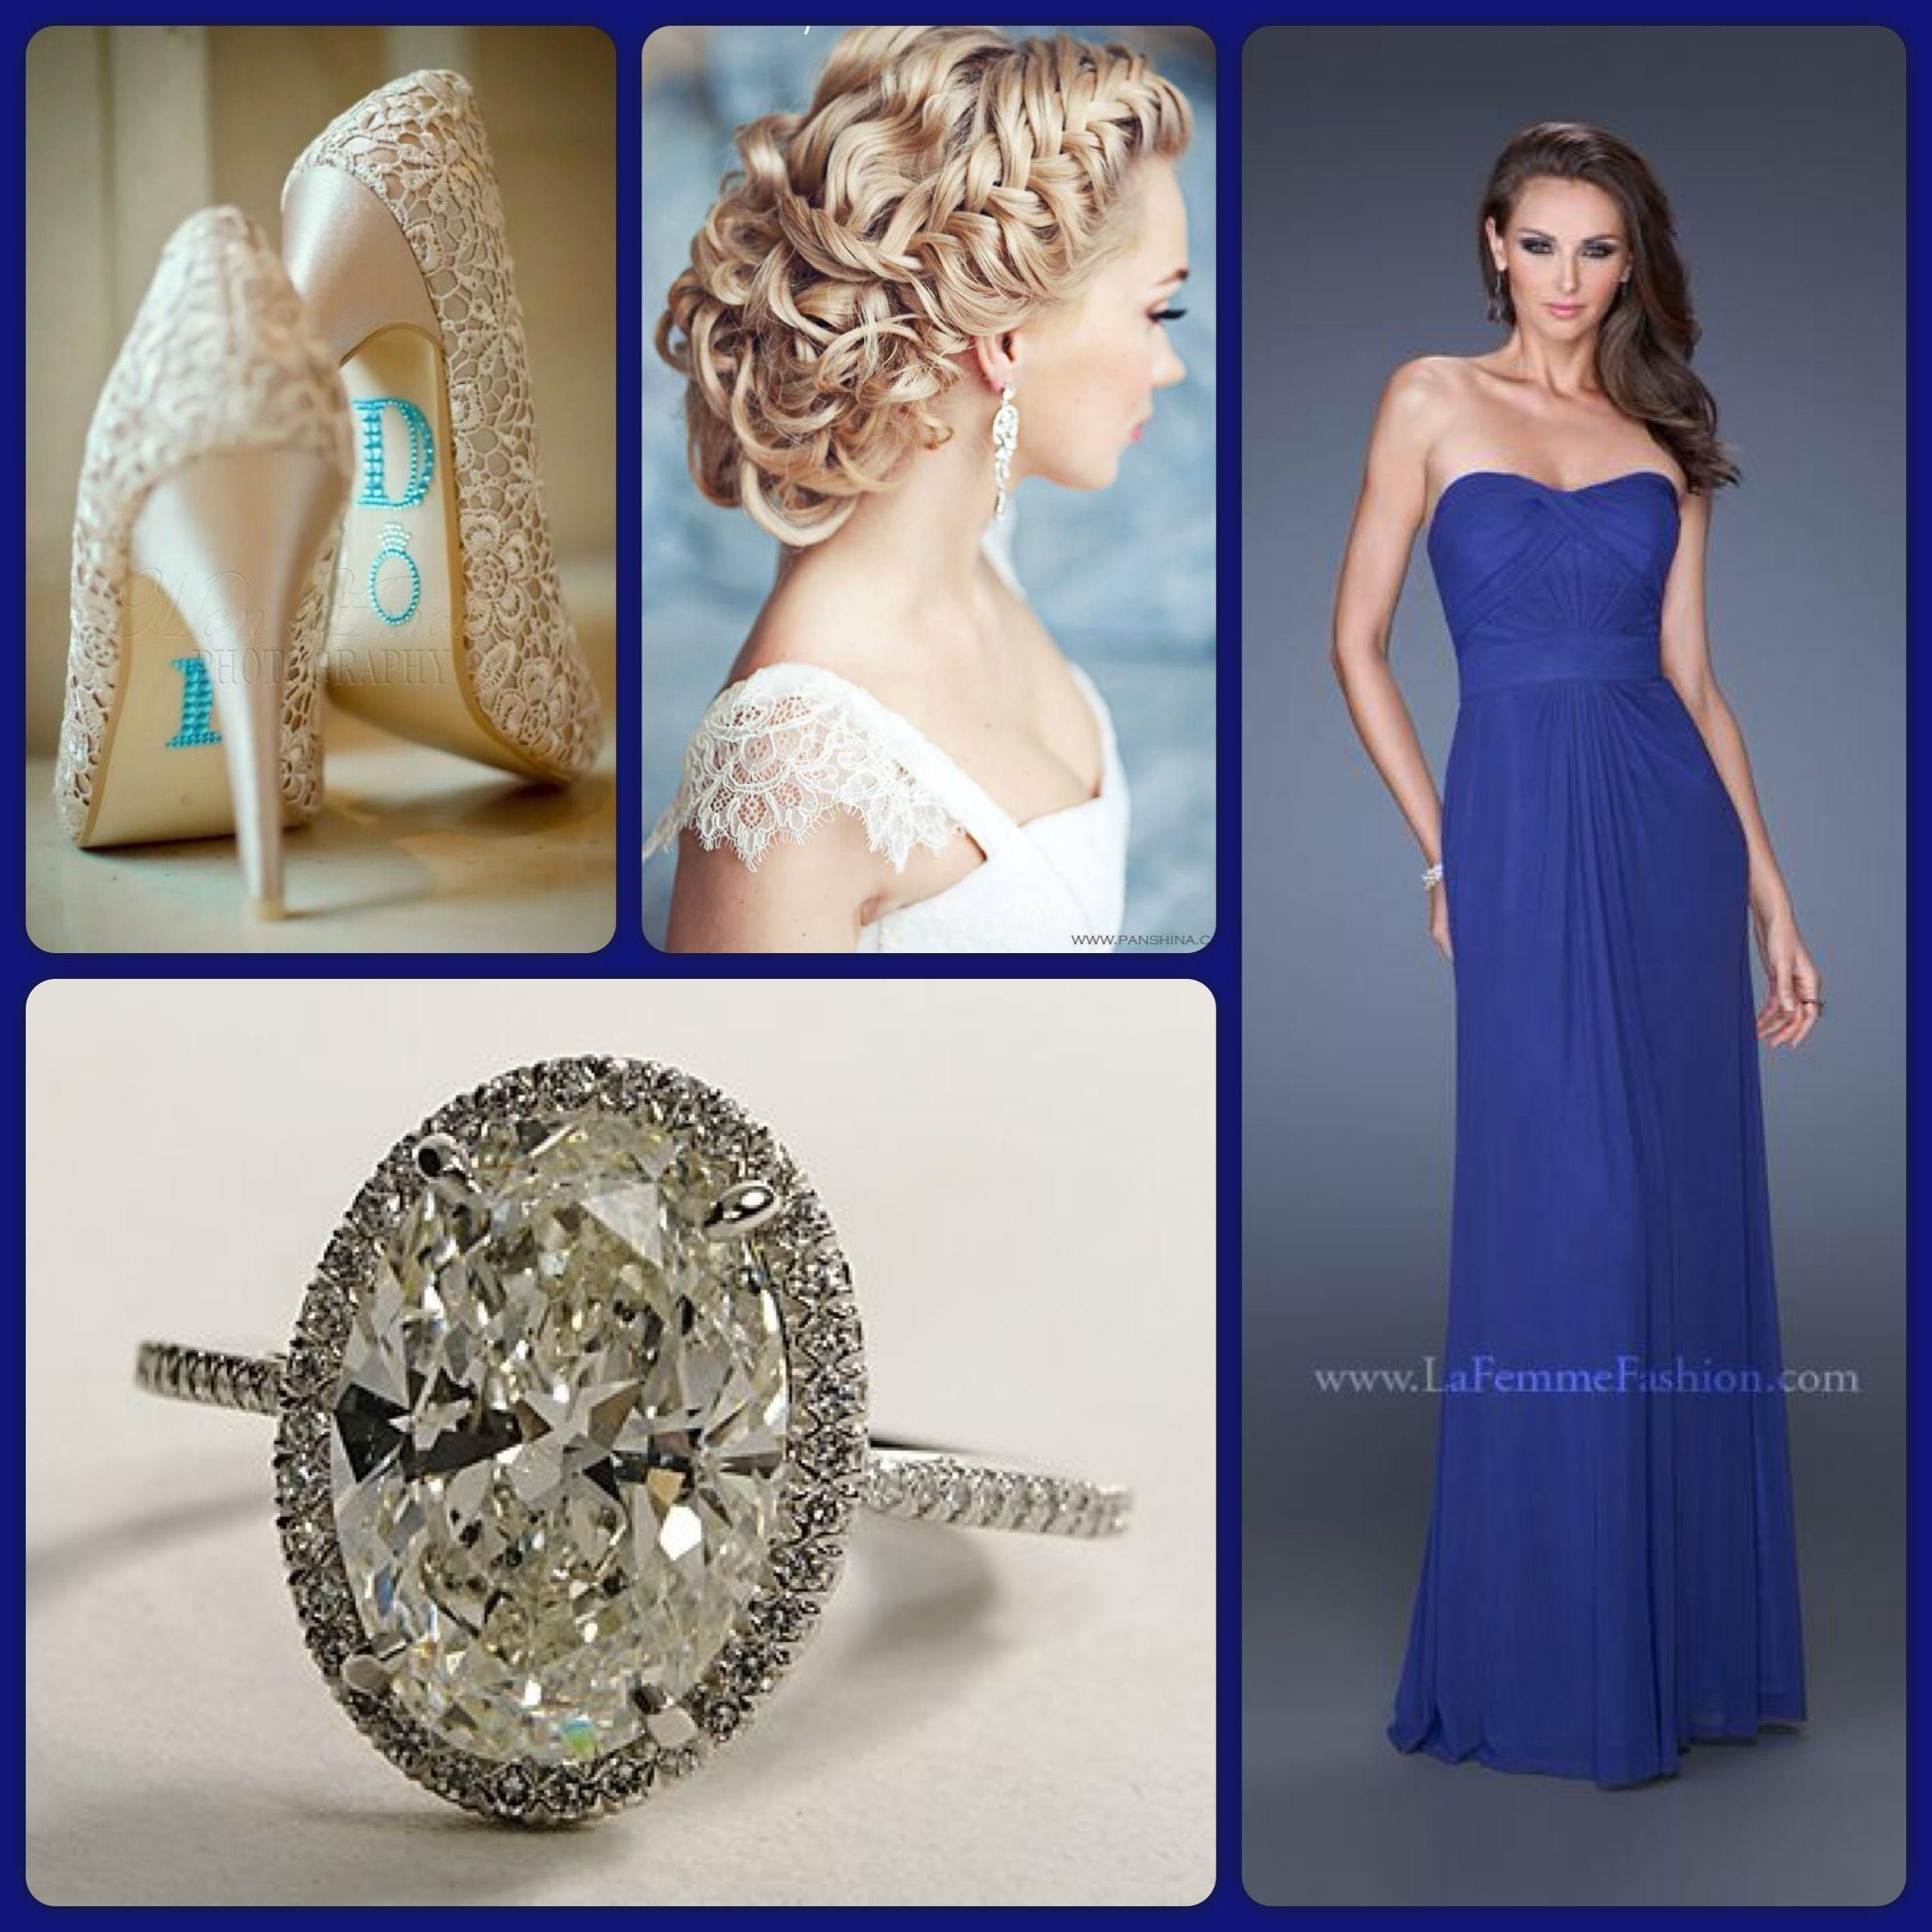 Indigo Mermaid Prom Dresses